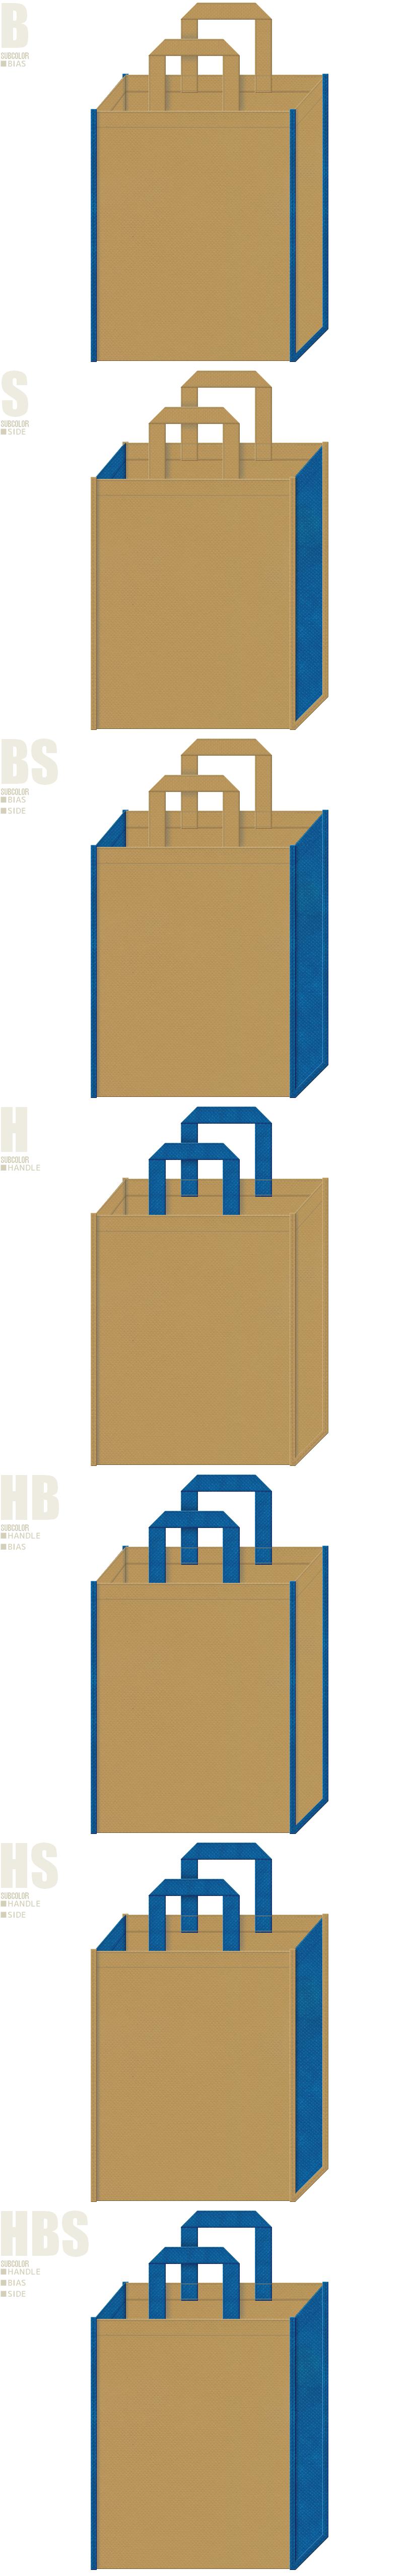 不織布トートバッグのデザイン例-不織布メインカラーNo.23+サブカラーNo.28の2色7パターン